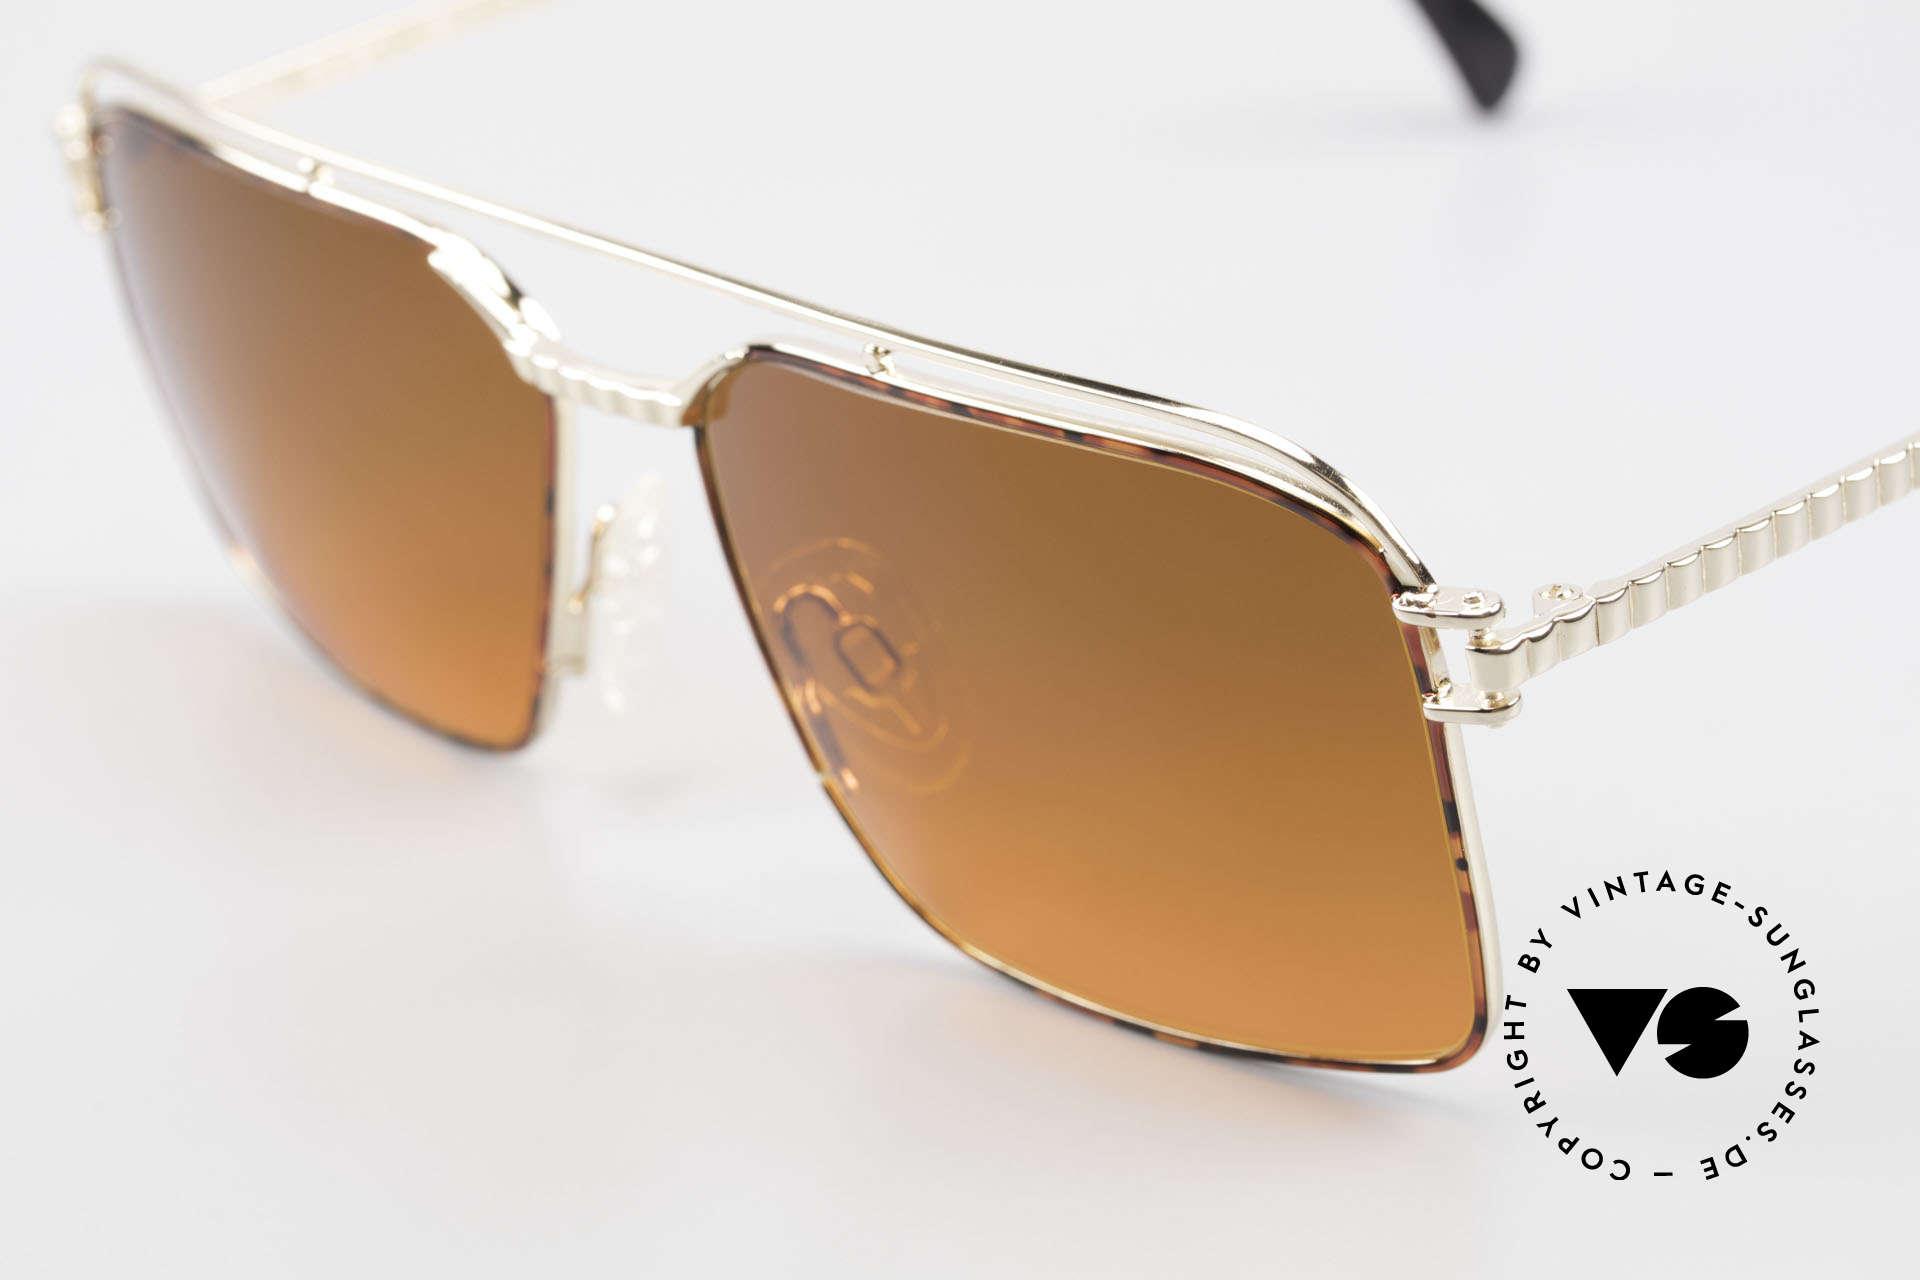 Neostyle Dynasty 424 - L 80er Herrensonnenbrille Titan, ungetragen (wie alle unsere  vintage Raritäten), Passend für Herren